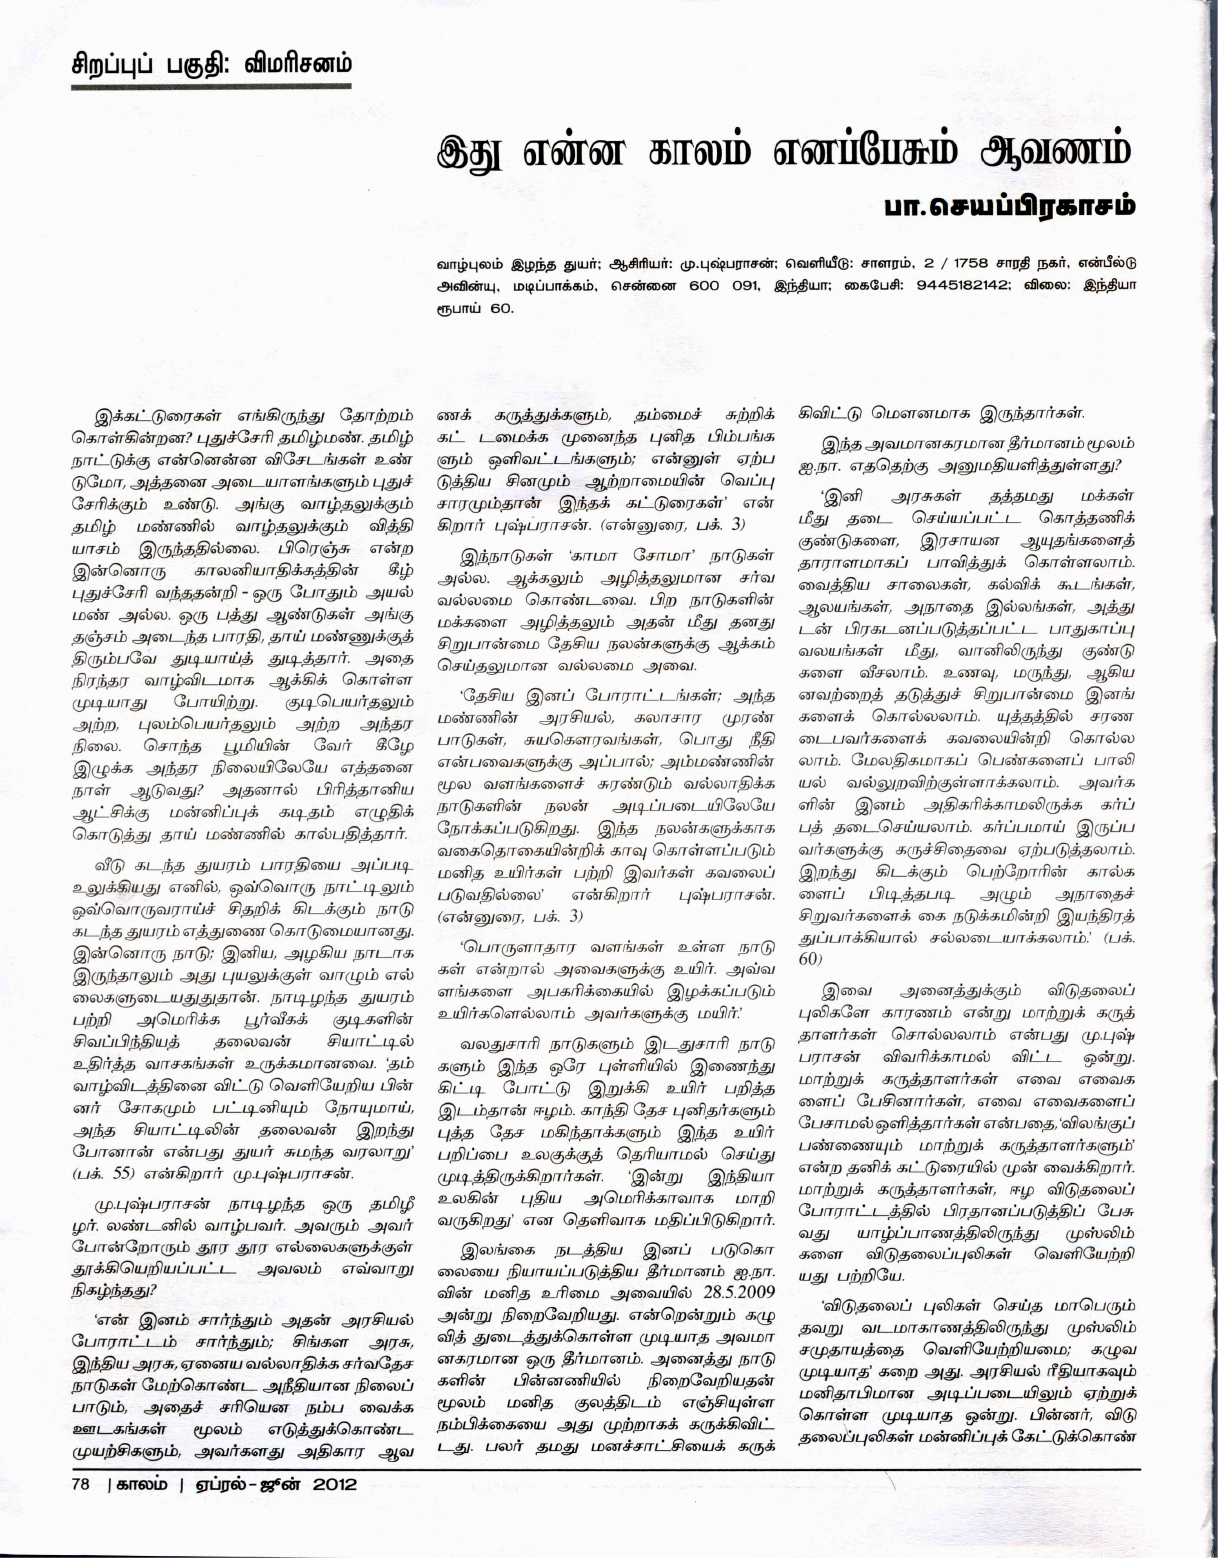 பா.செயப்பிரகாசம் - இது என்ன காலம் எனப்பேசும் ஆவணம் - Page 1